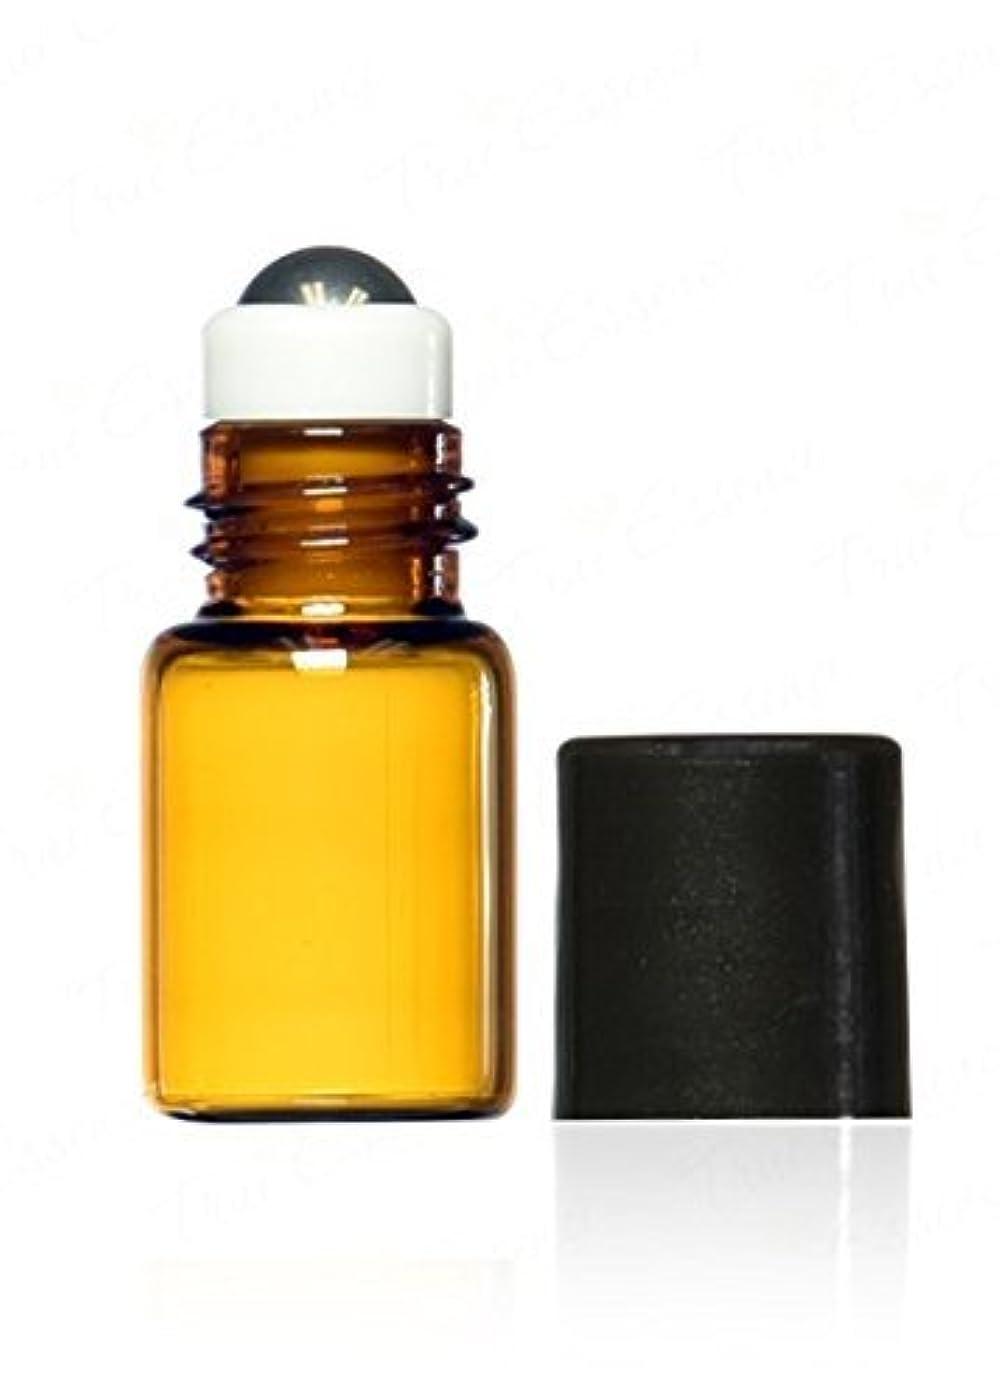 傑出した洋服組み立てるTrue Essence 3 ml, 3/4 Dram Amber Glass Mini Roll-on Glass Bottles with Metal Roller Balls - Refillable Aromatherapy...